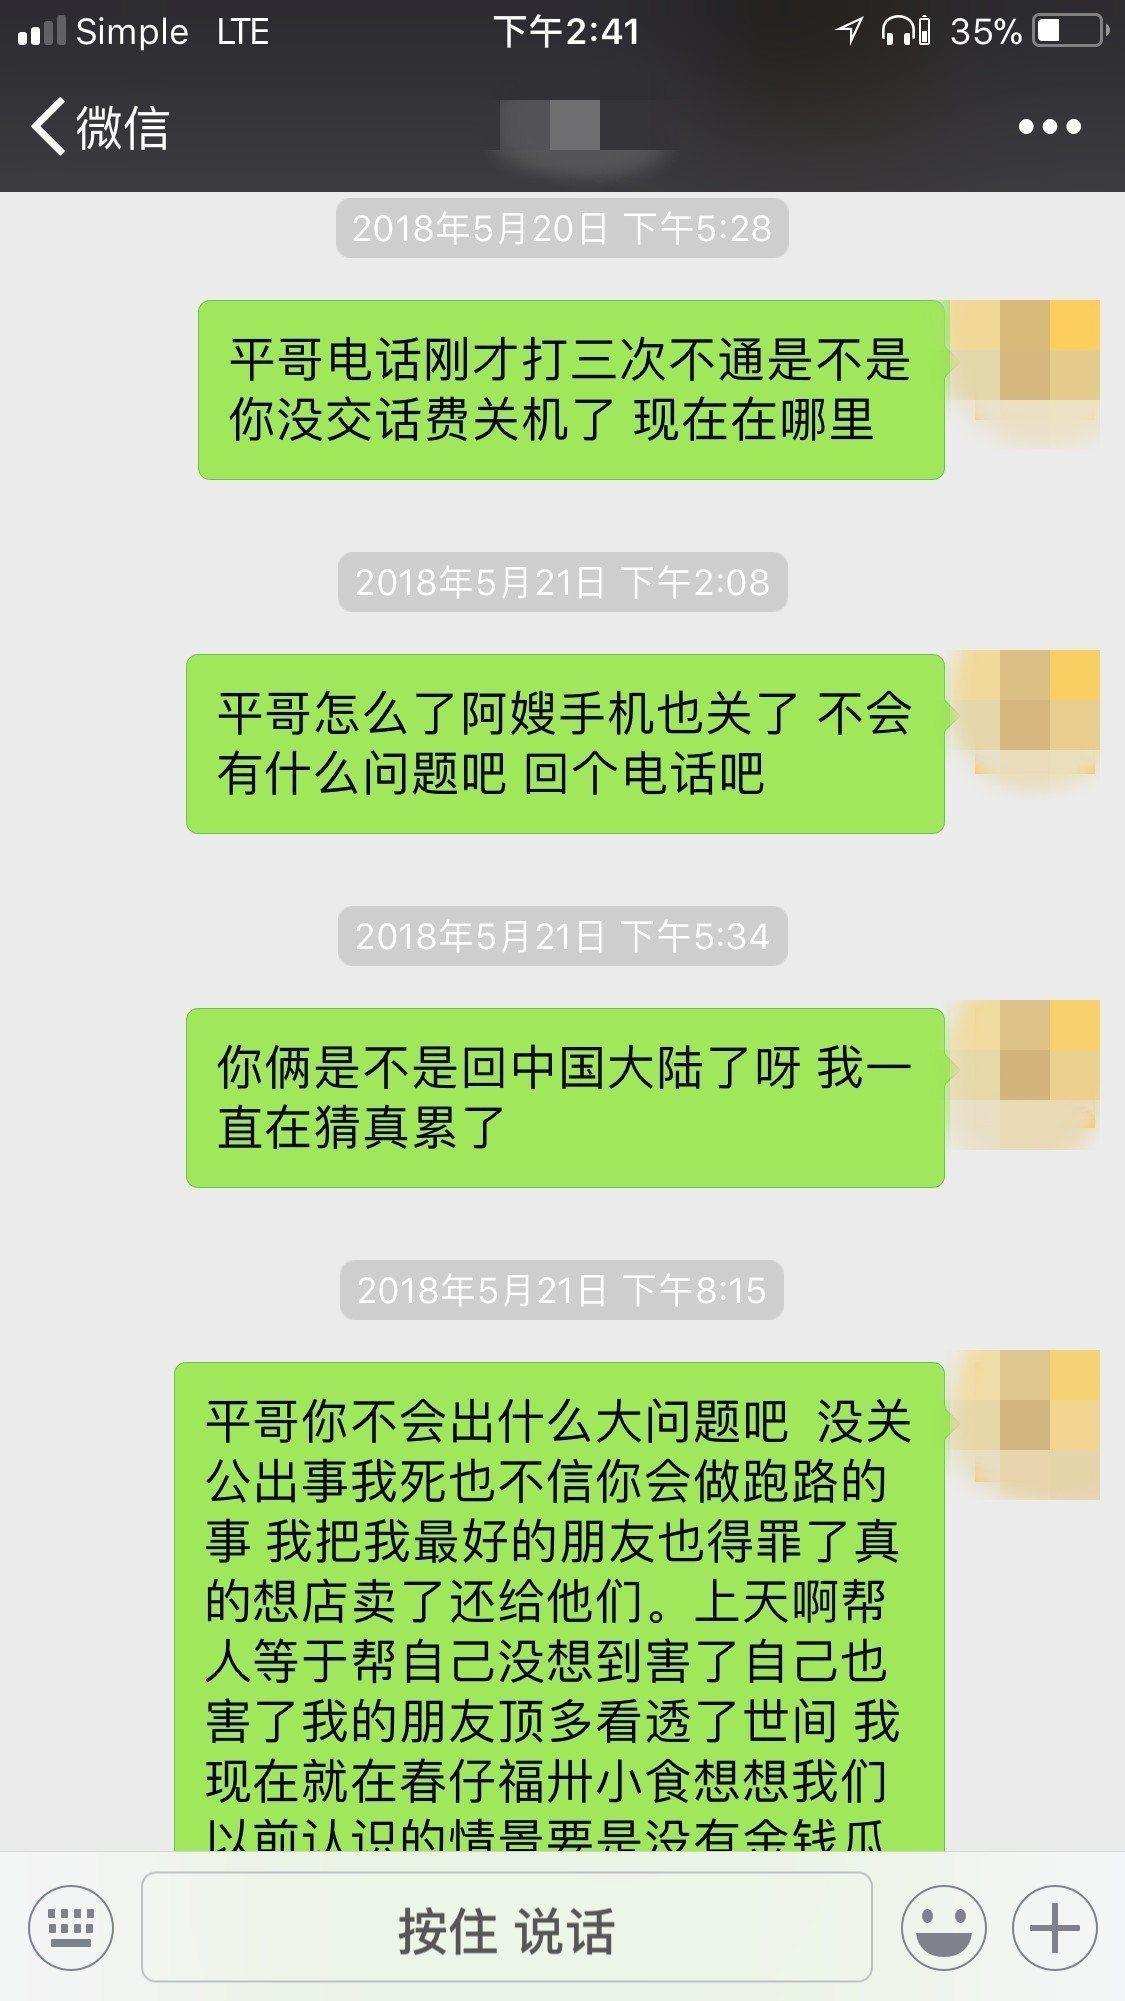 假辦綠卡真詐財,華男被騙40萬。記者顏嘉瑩/翻攝